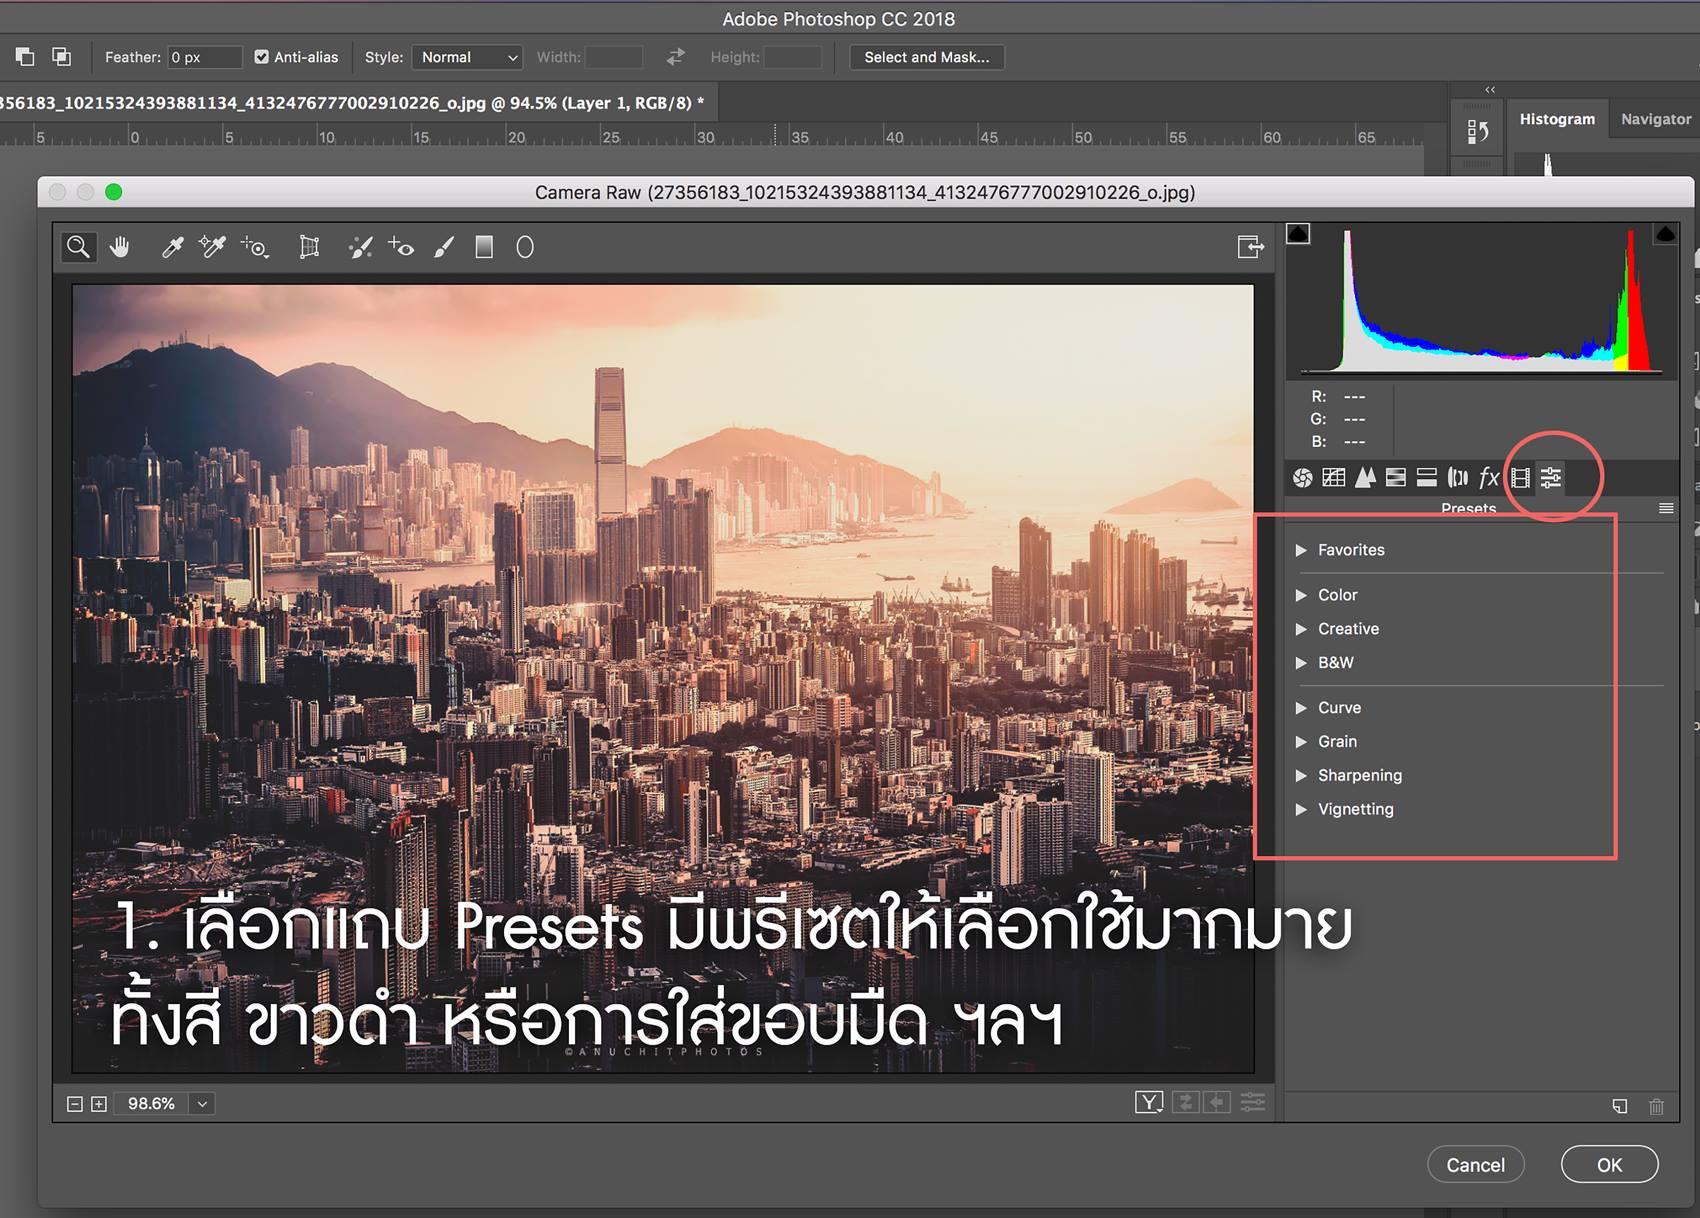 บทความการถ่ายภาพ การแต่งภาพ เทคนิคการถ่ายภาพและการใช้งาน